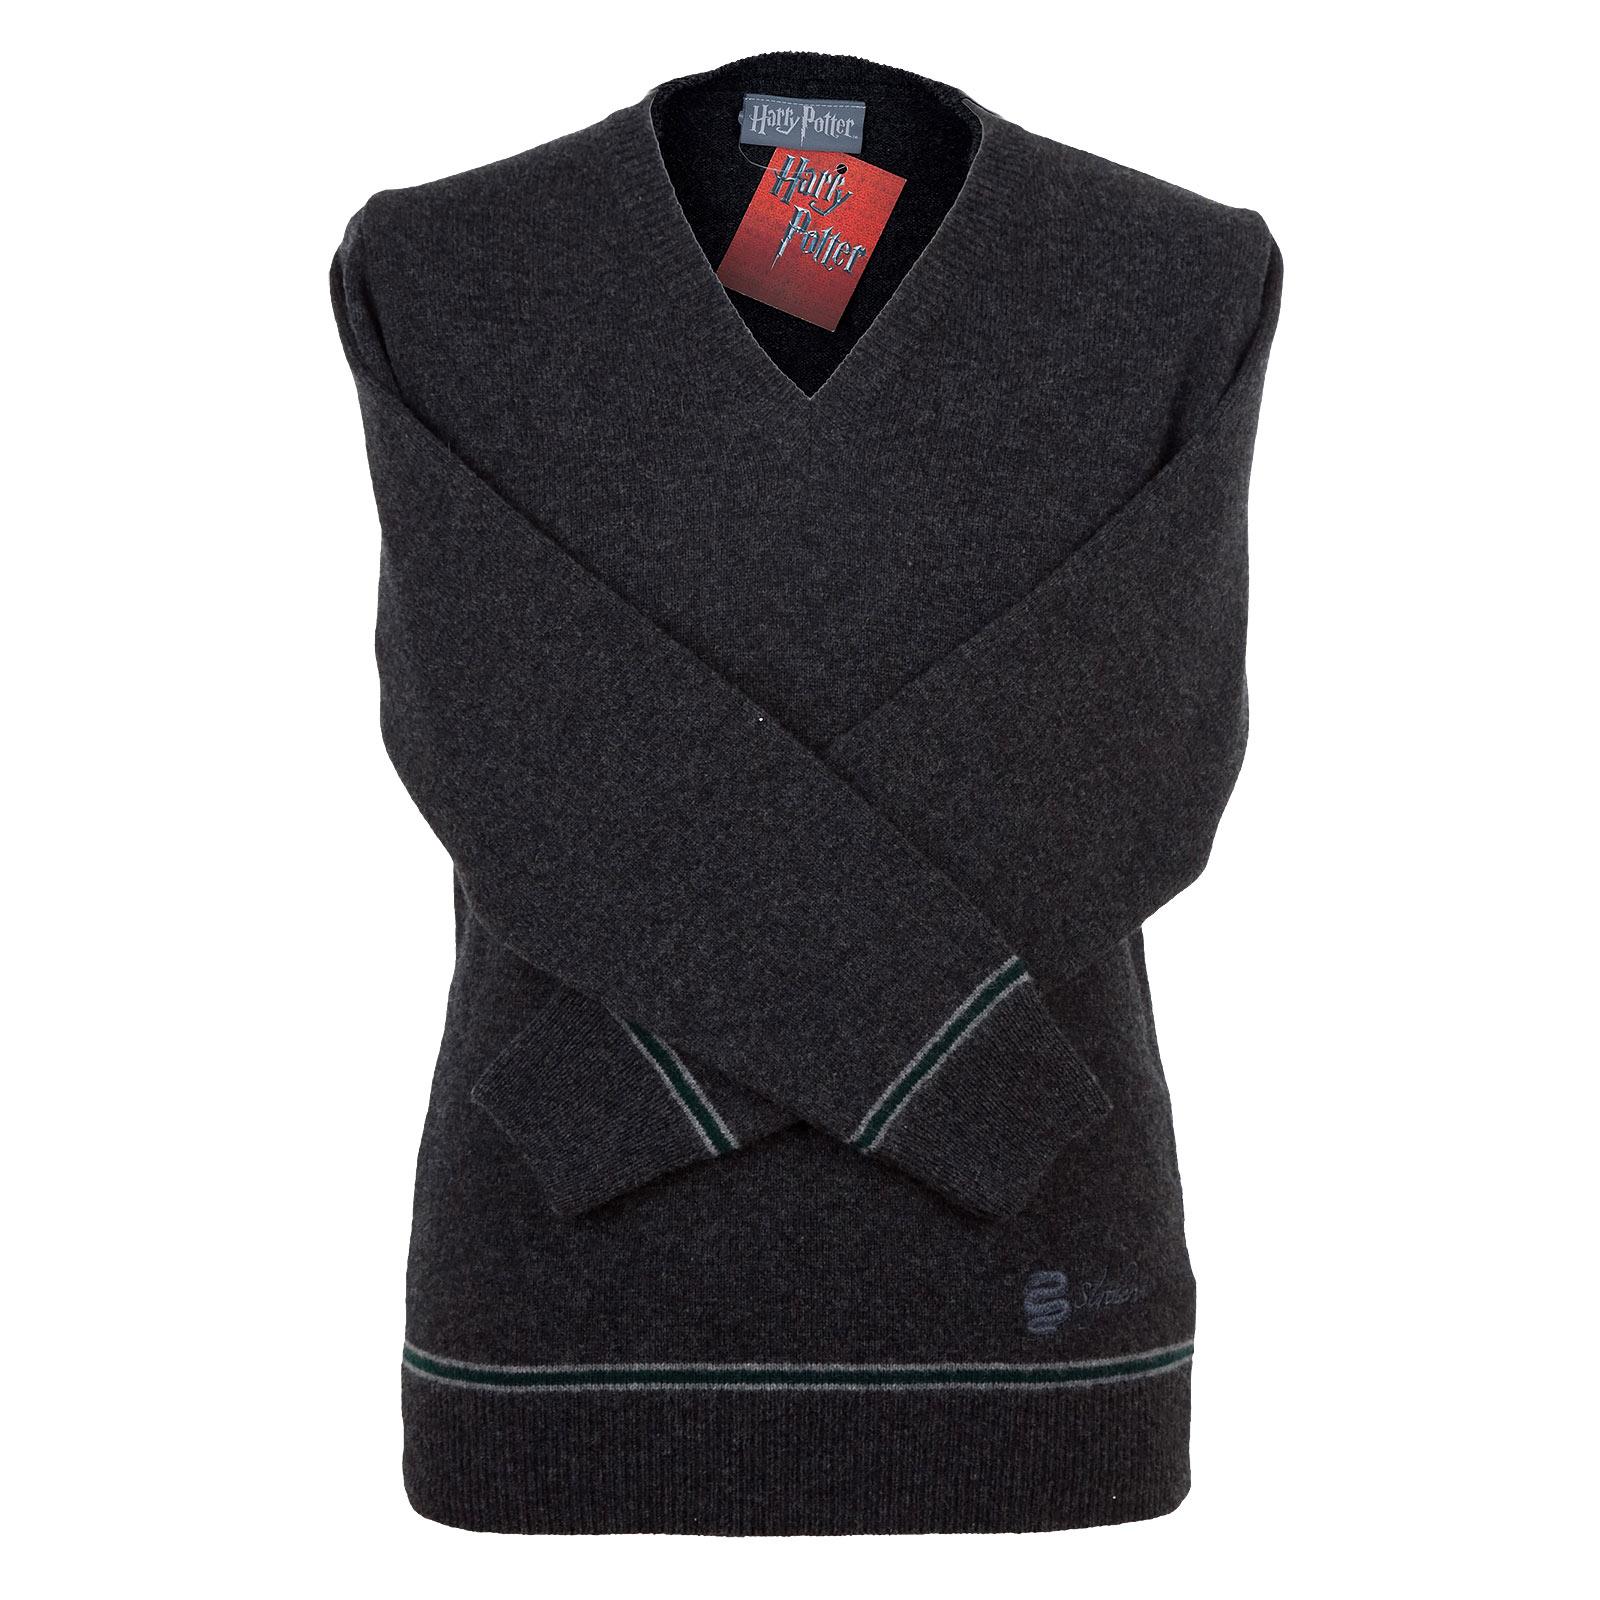 Harry Potter - Slytherin Sweater